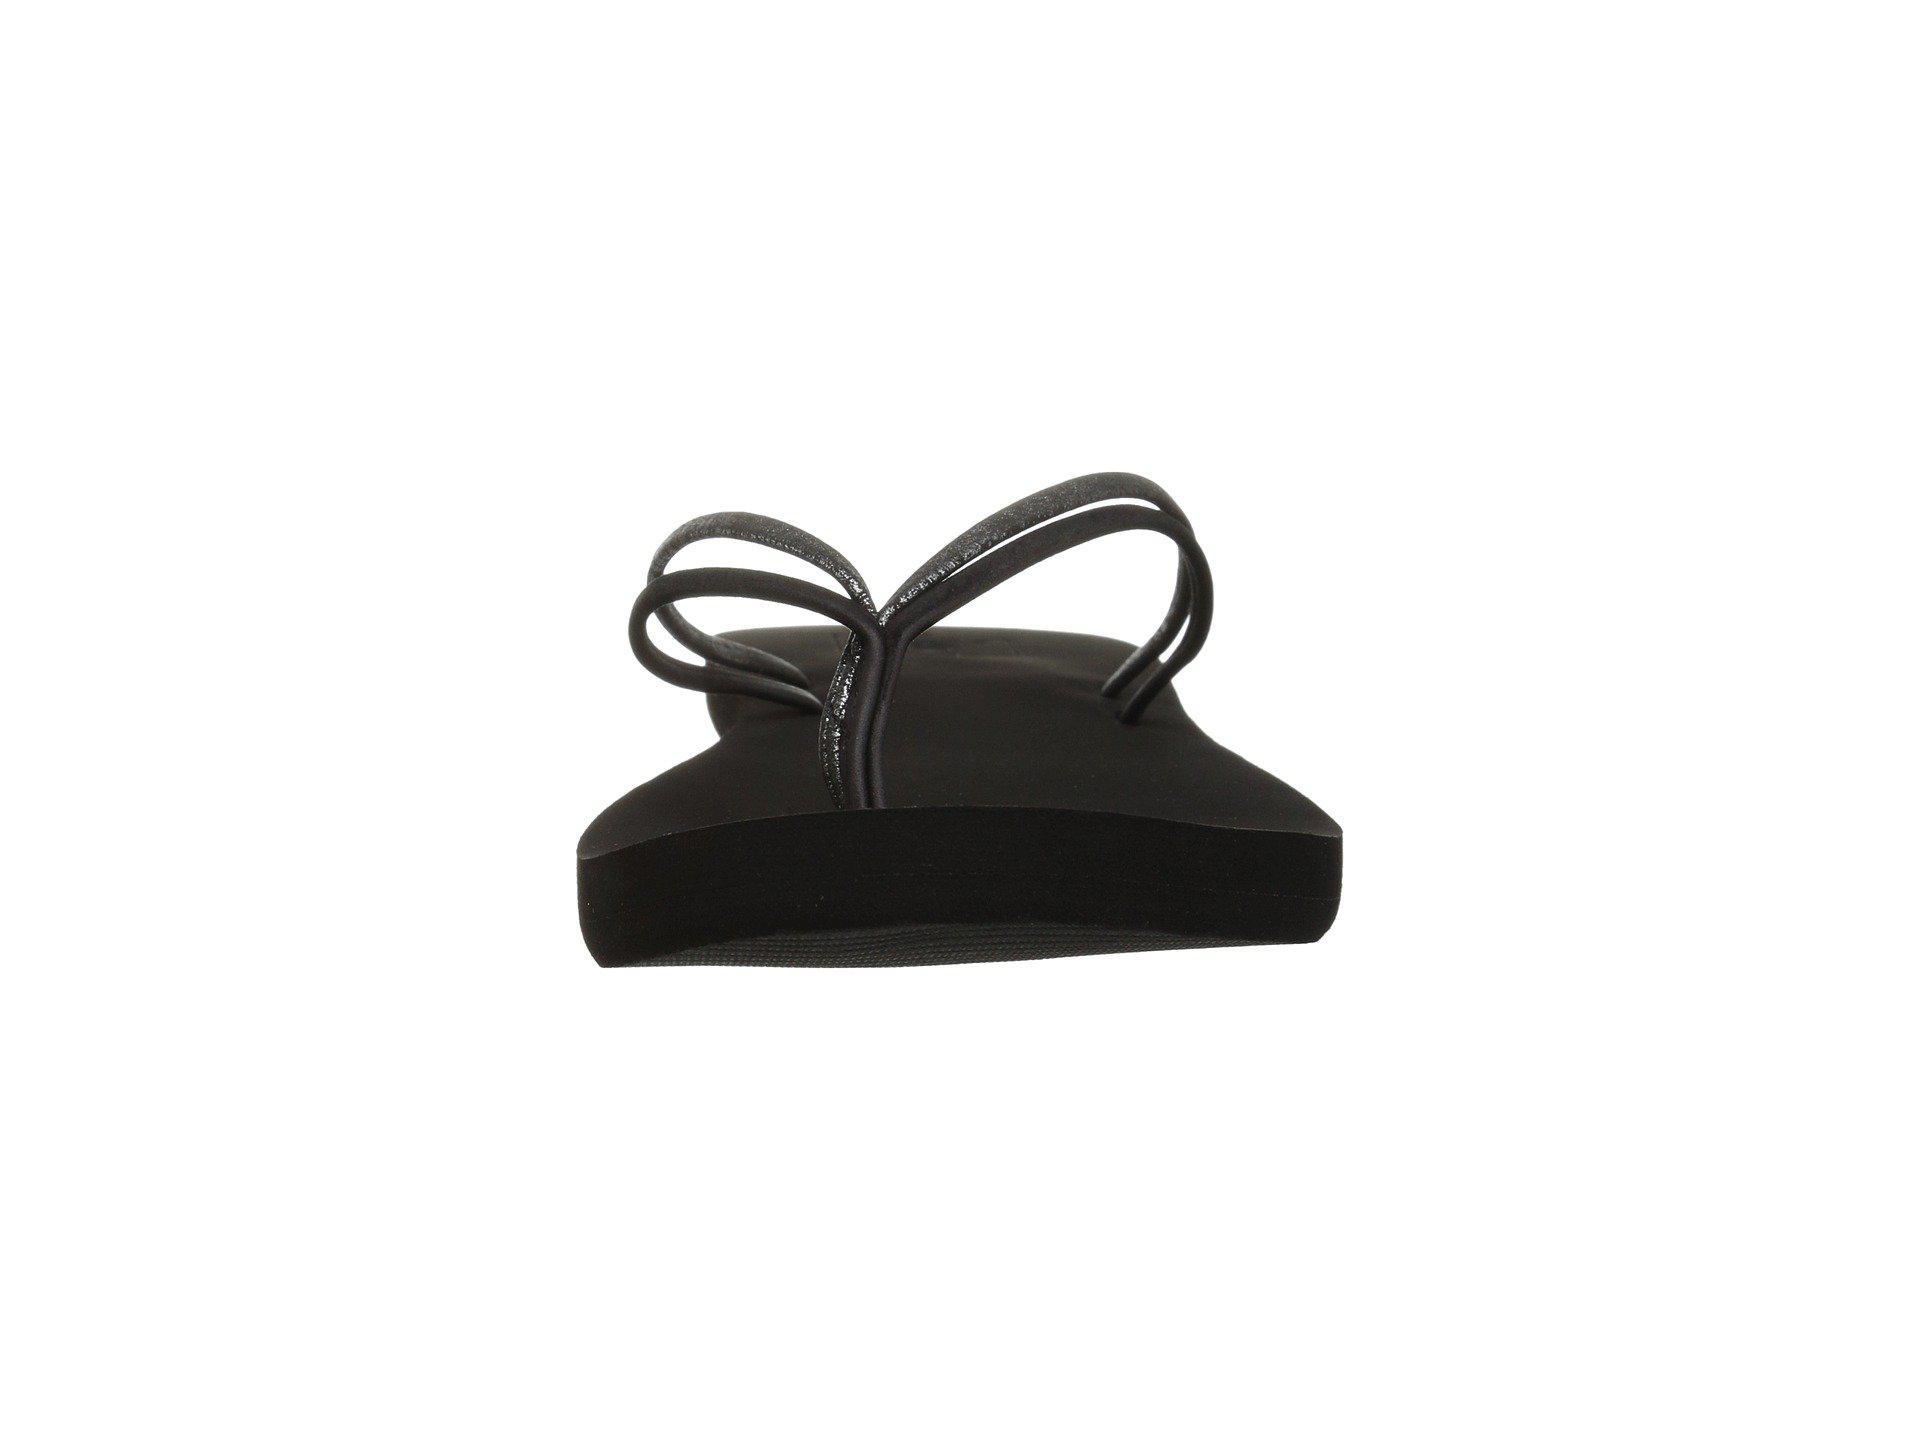 76215ec6c1d7 Lyst - Reef Double Bliss (snake) Women s Sandals in Black